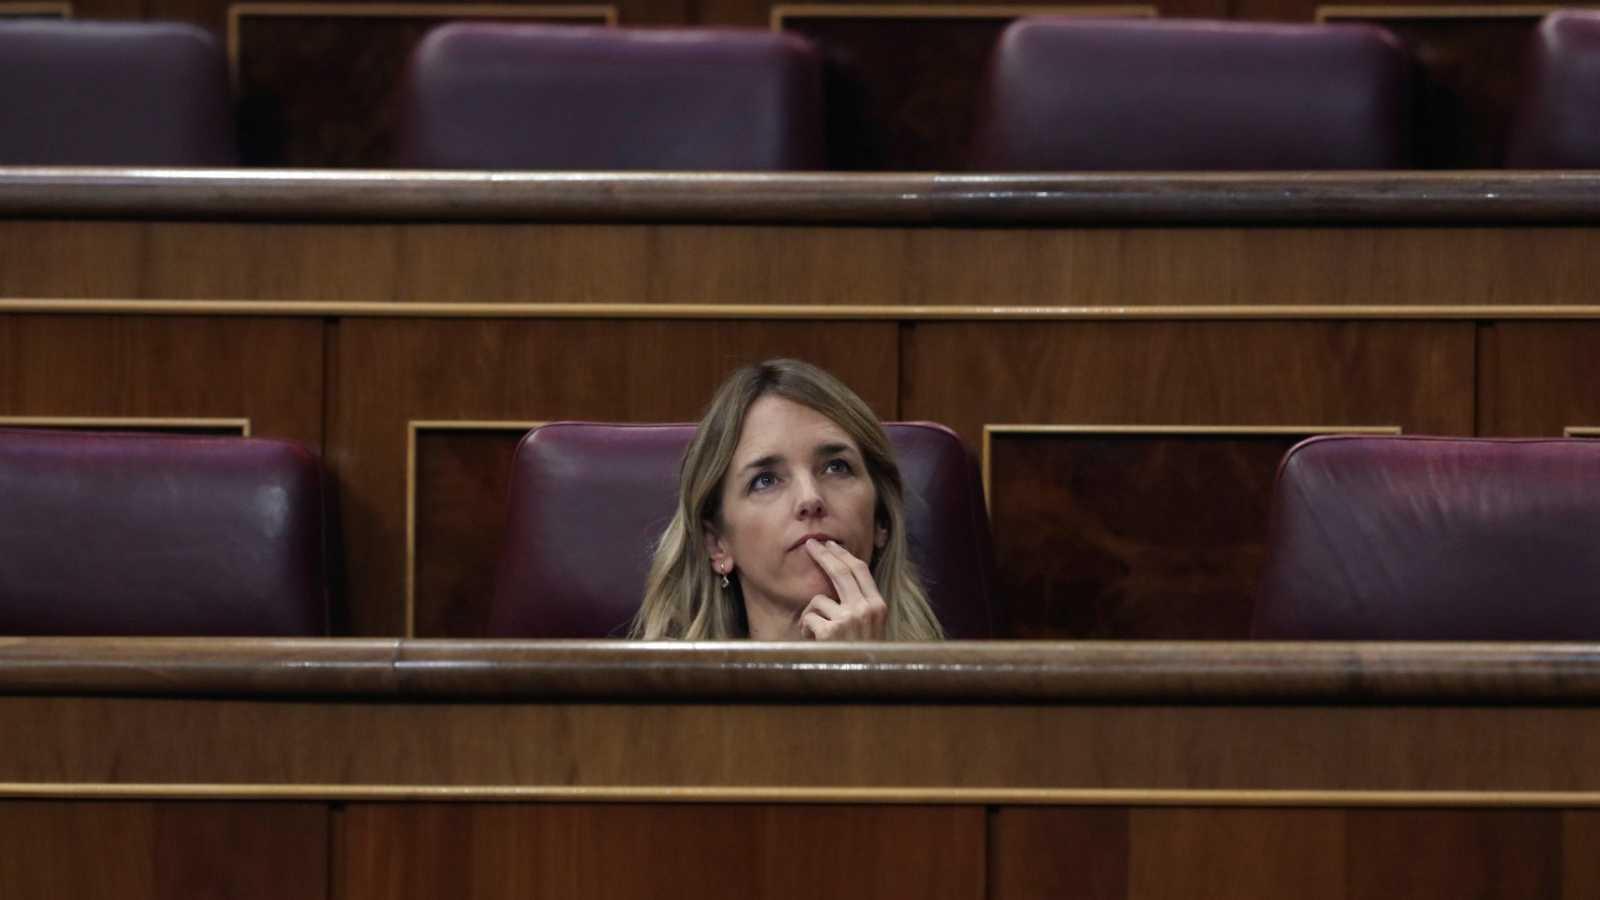 La exportavoz parlamentaria del PP, Cayetana Álvarez de Toledo, en su escaño en el Congreso de los Diputados.